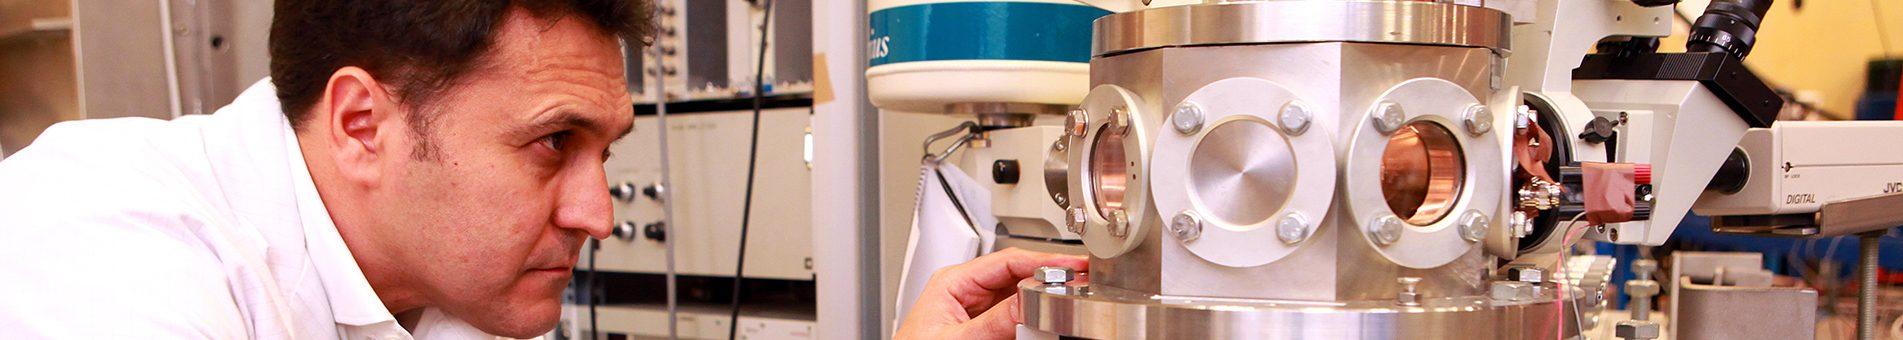 ensayos de laboratorio